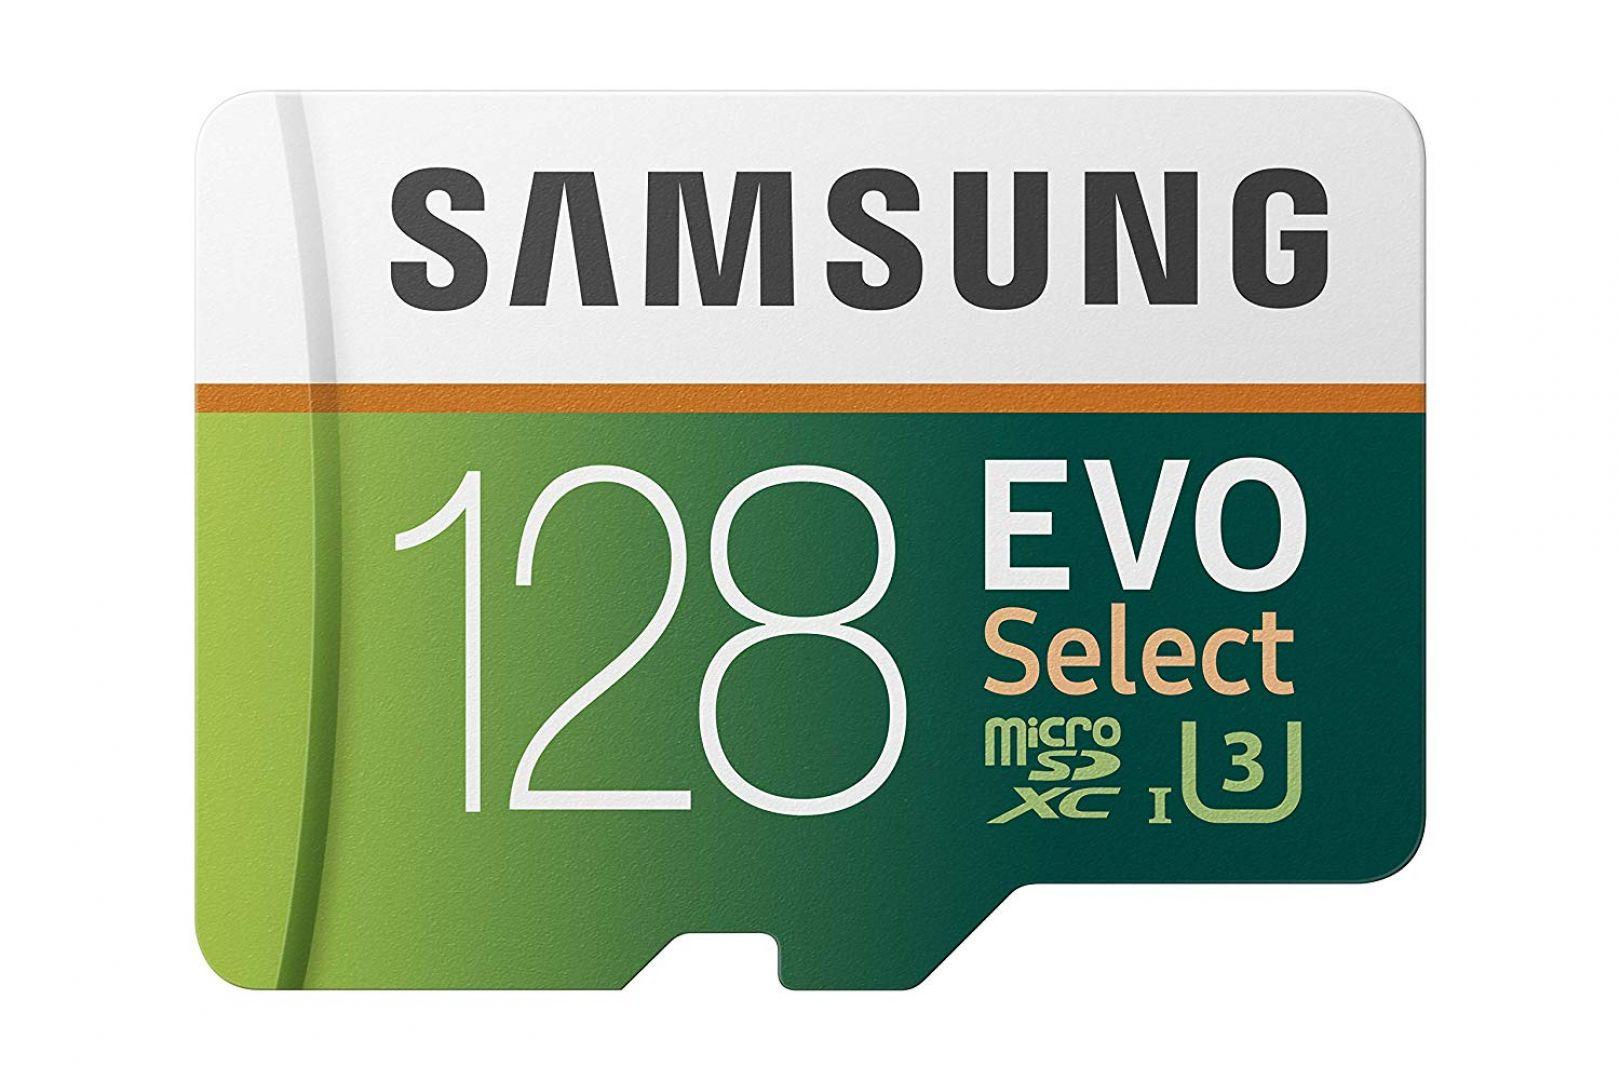 Samsung MB-ME128GA/AM product image.